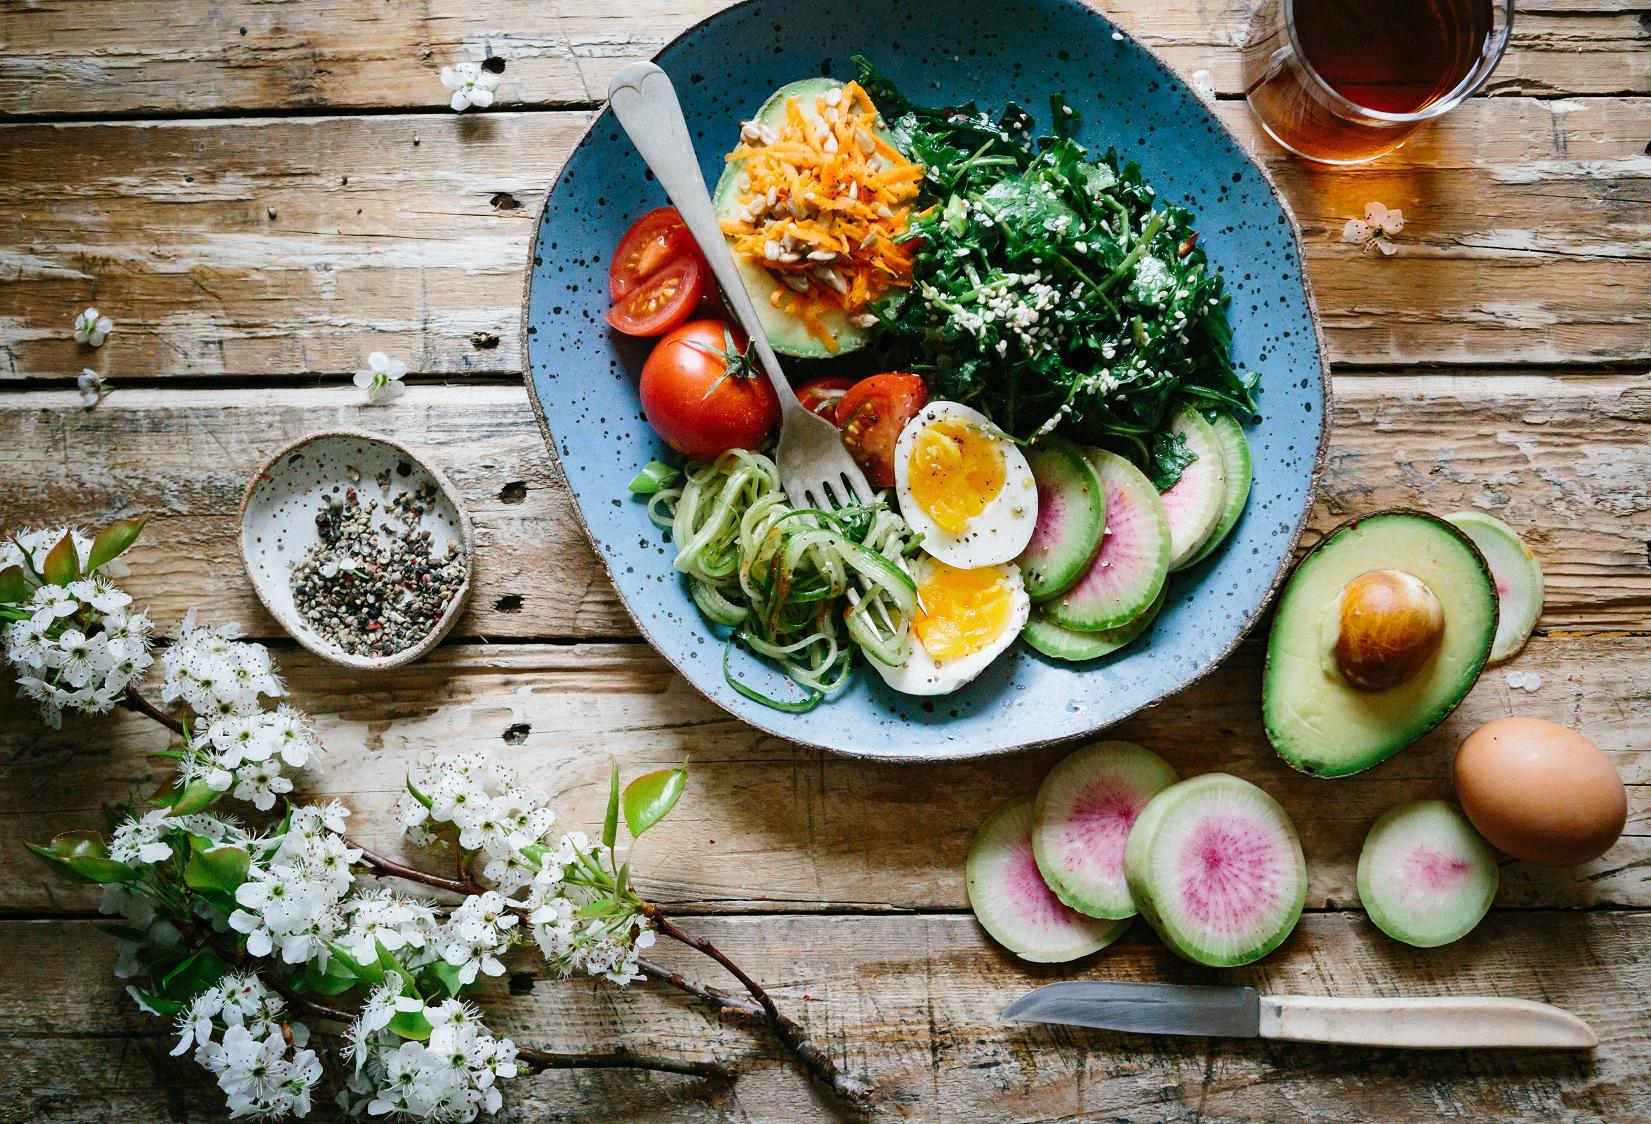 Dieta wegetariańska może przyczynić się do poprawy naszego zdrowia i samopoczucia